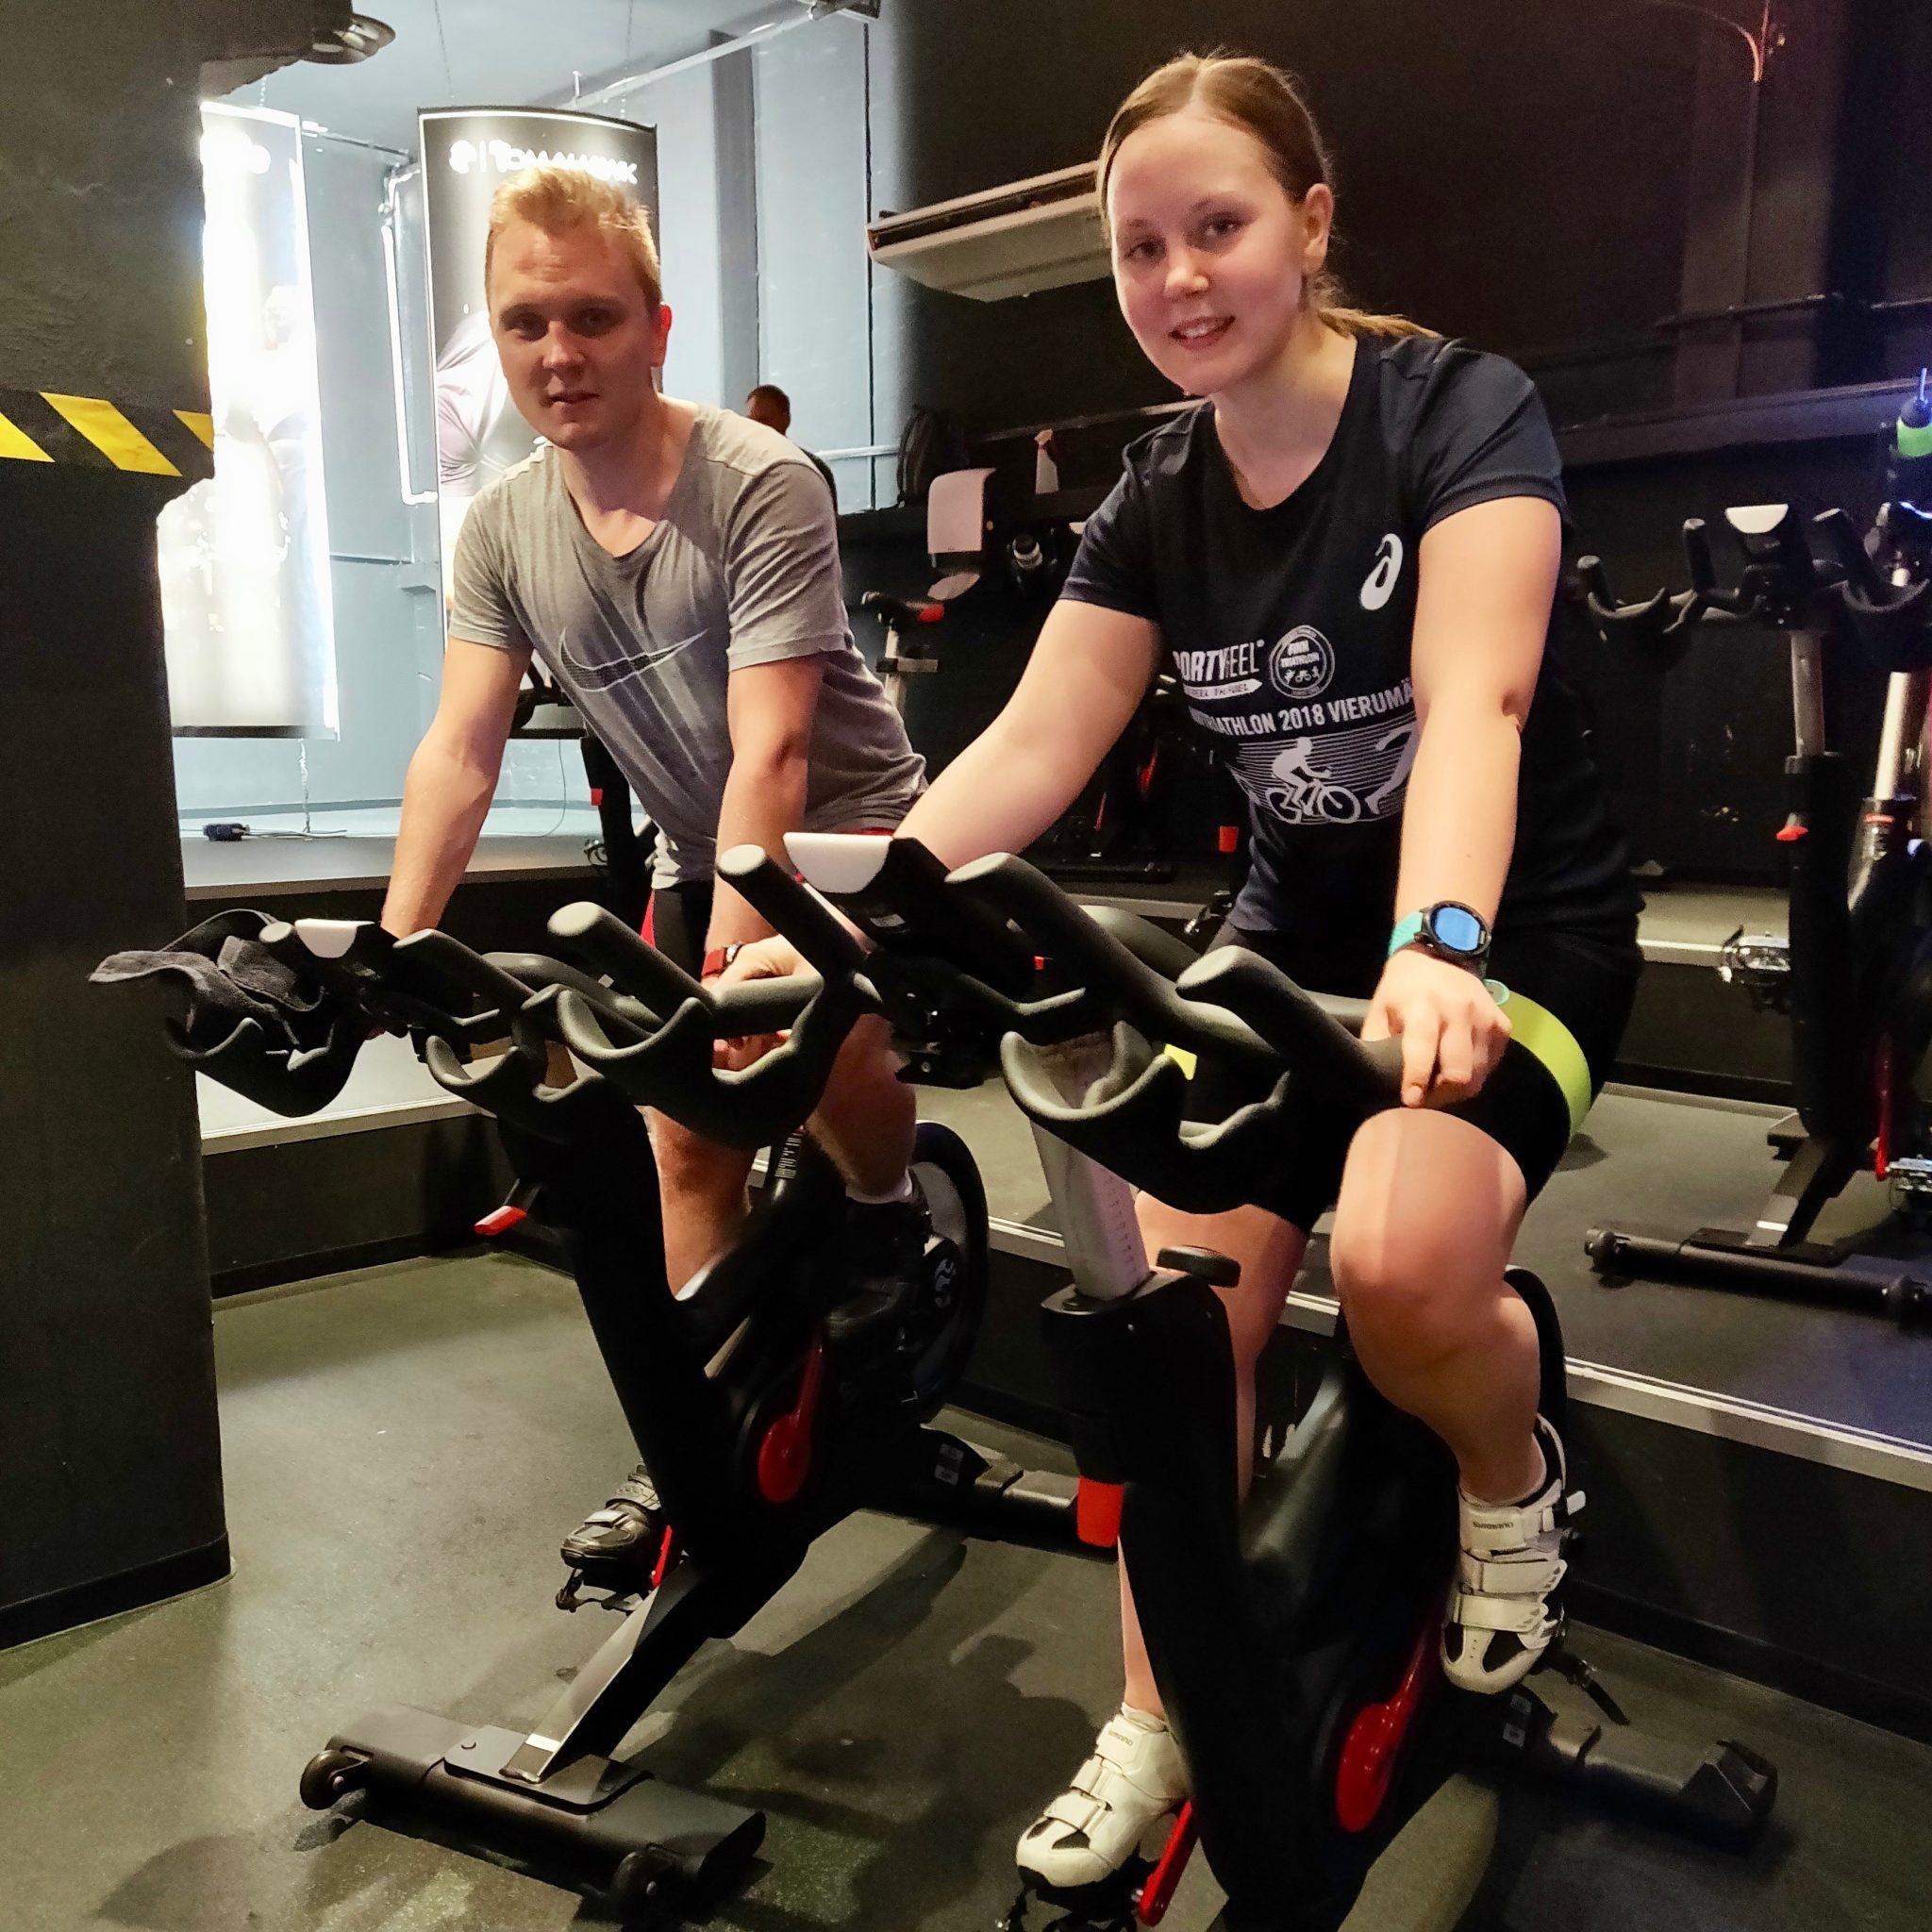 Sydänsairaalan hyväntekeväisyyspyöräilijät Tero ja Miina